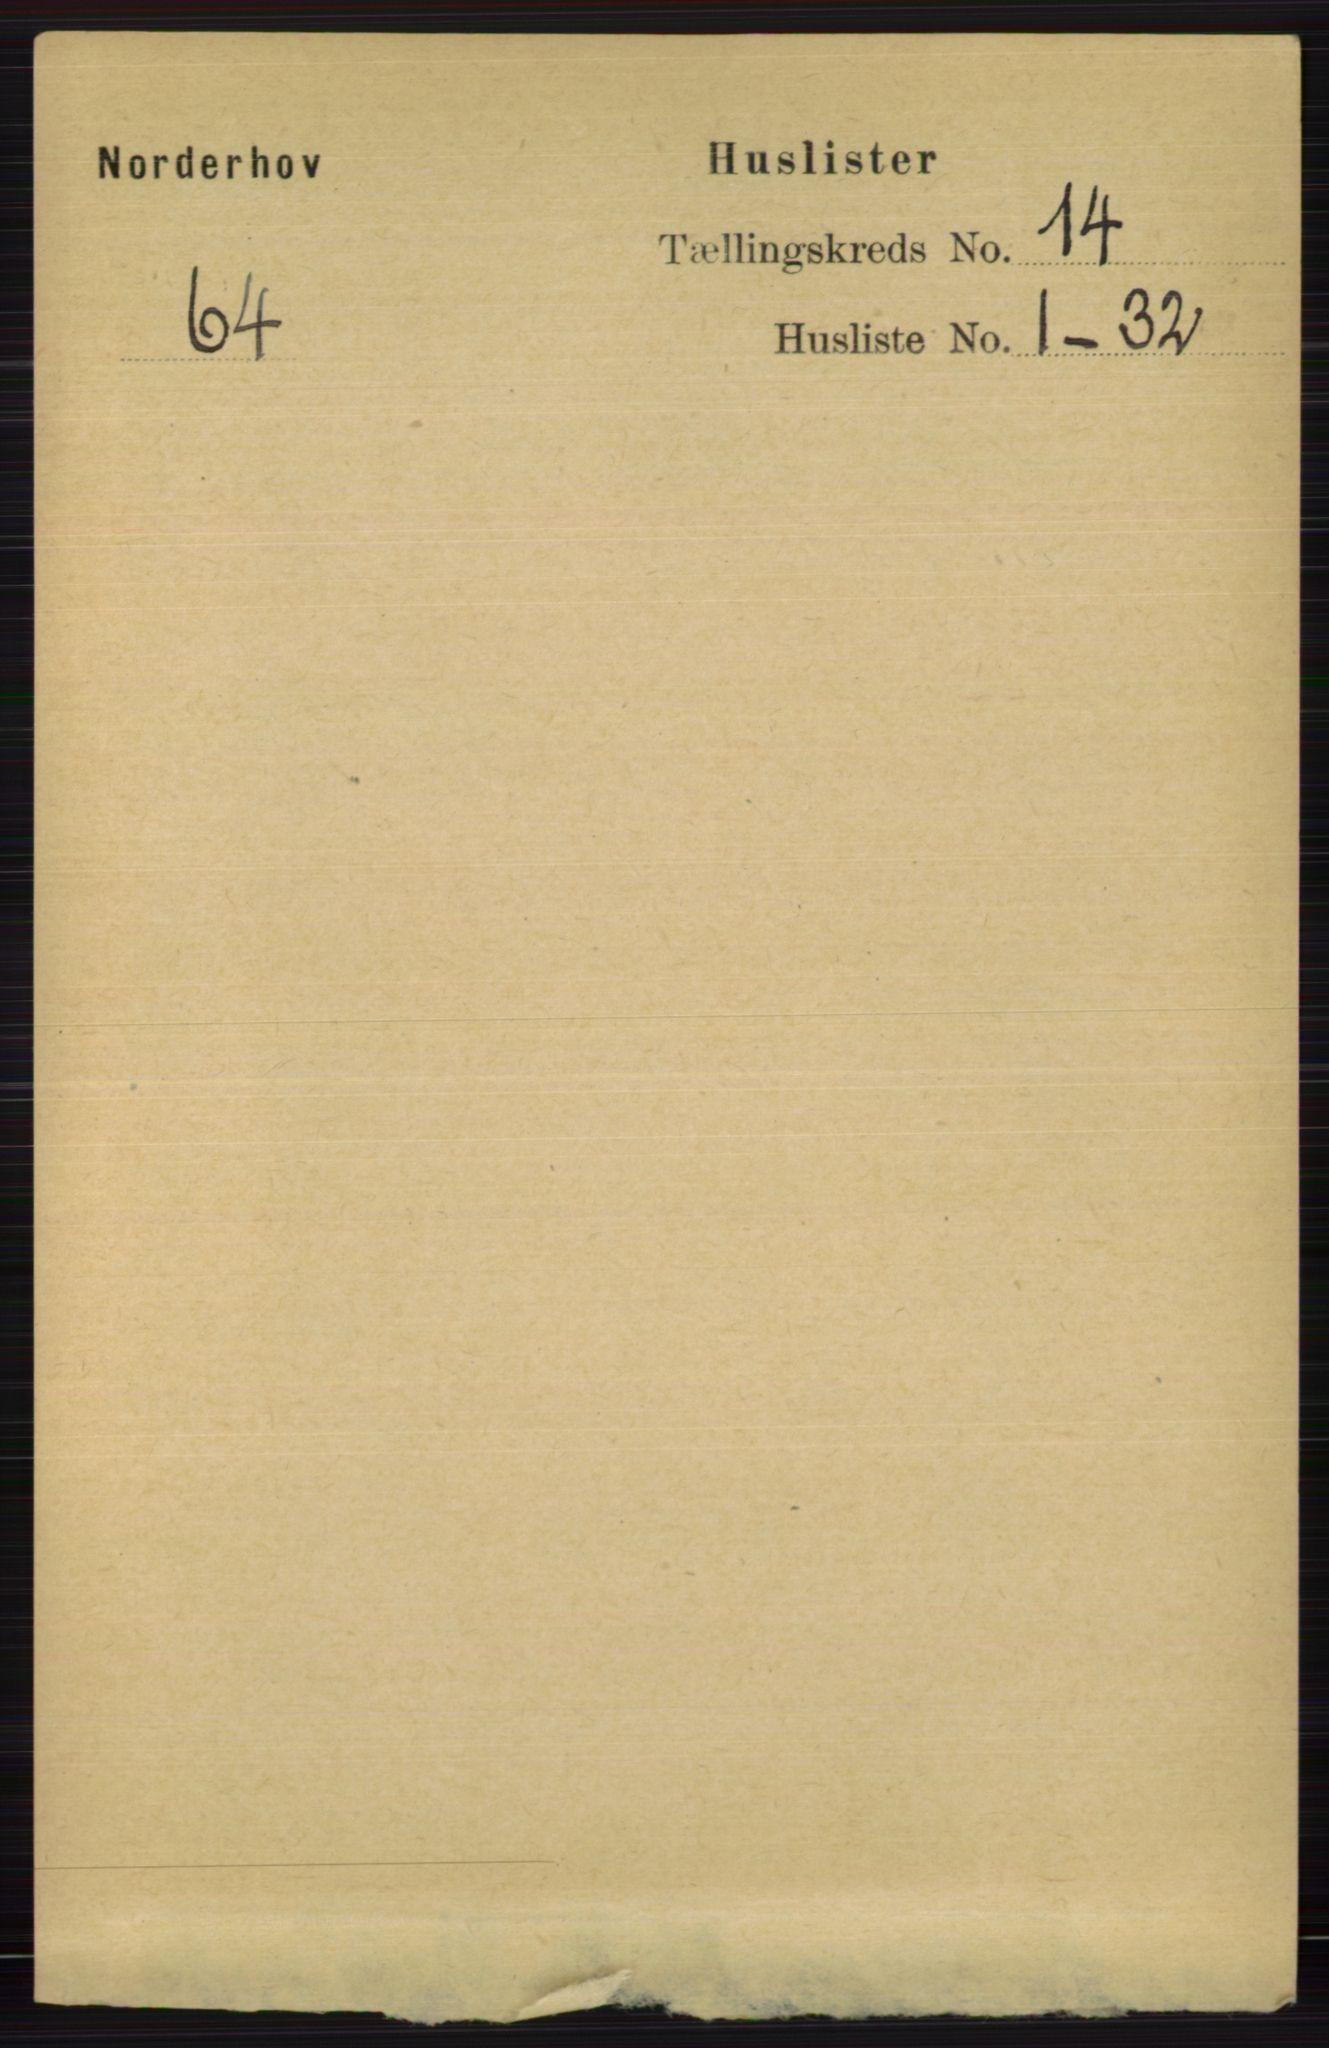 RA, Folketelling 1891 for 0613 Norderhov herred, 1891, s. 9294